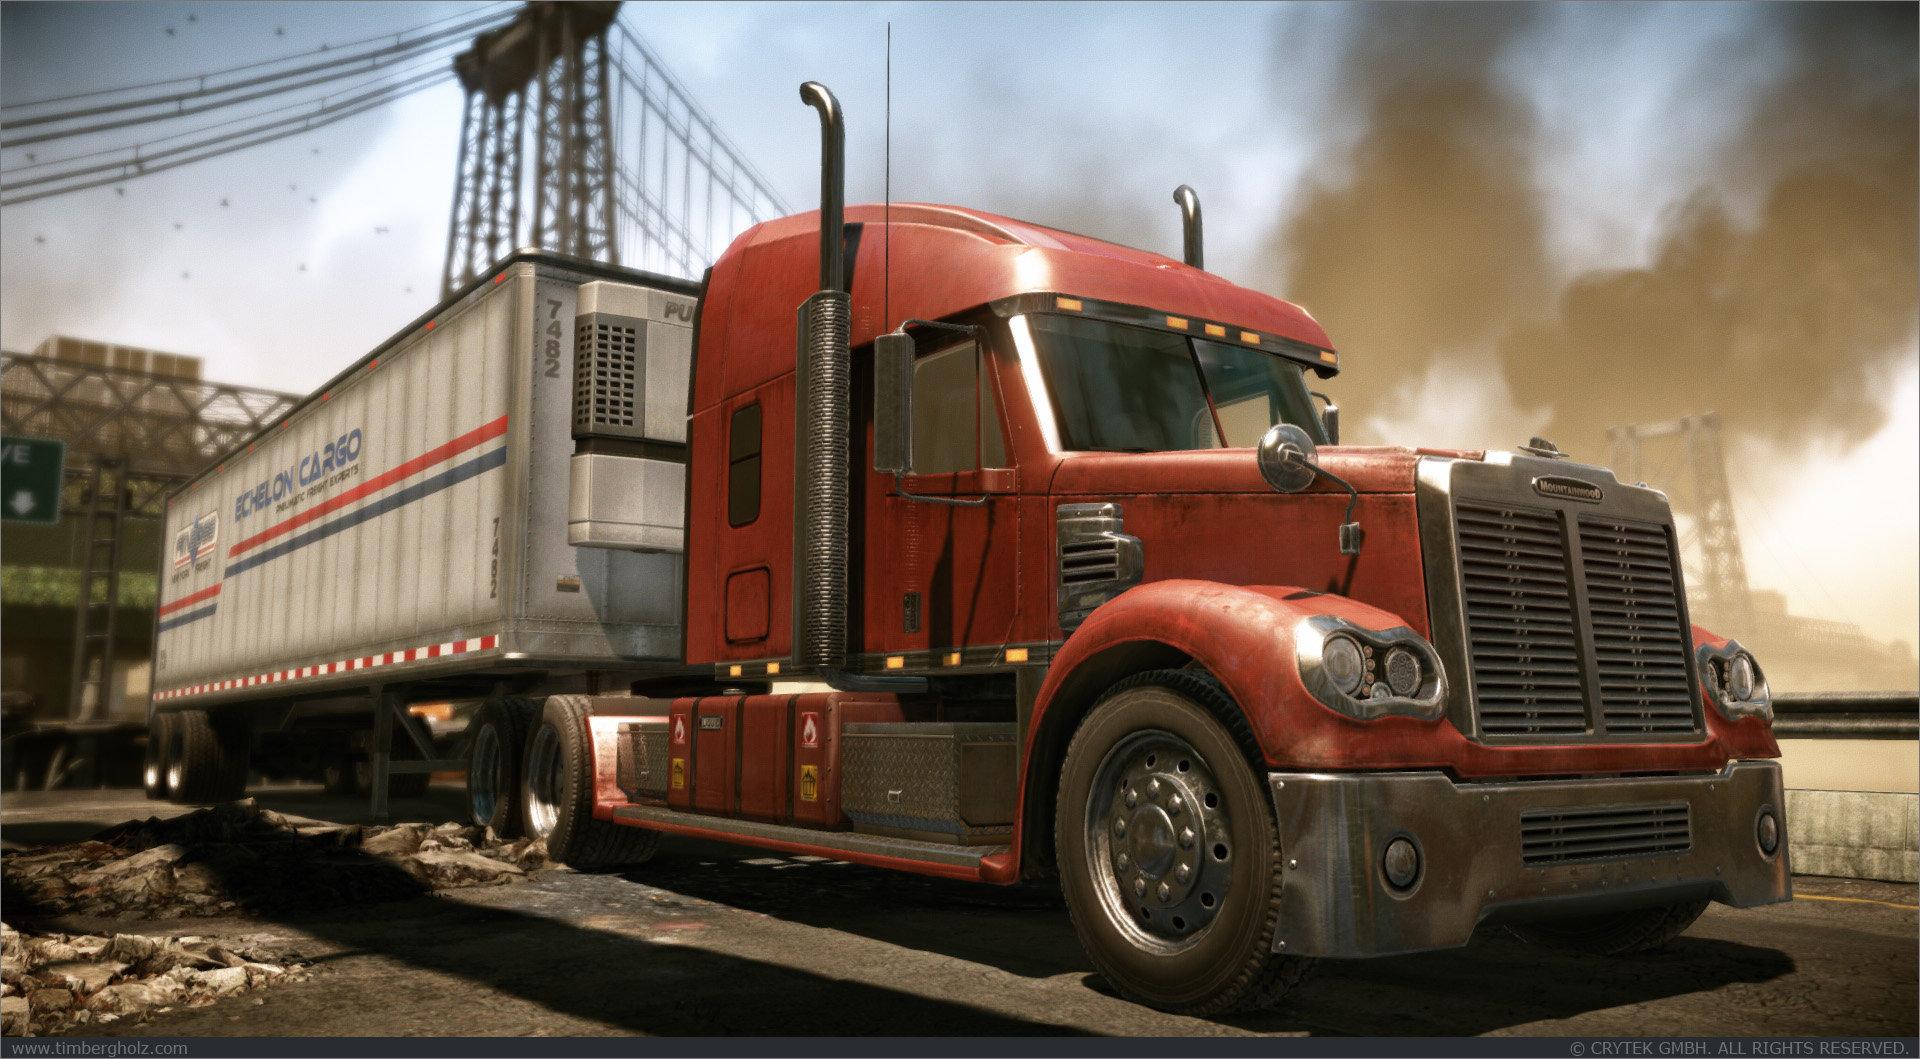 Tim bergholz red truck full